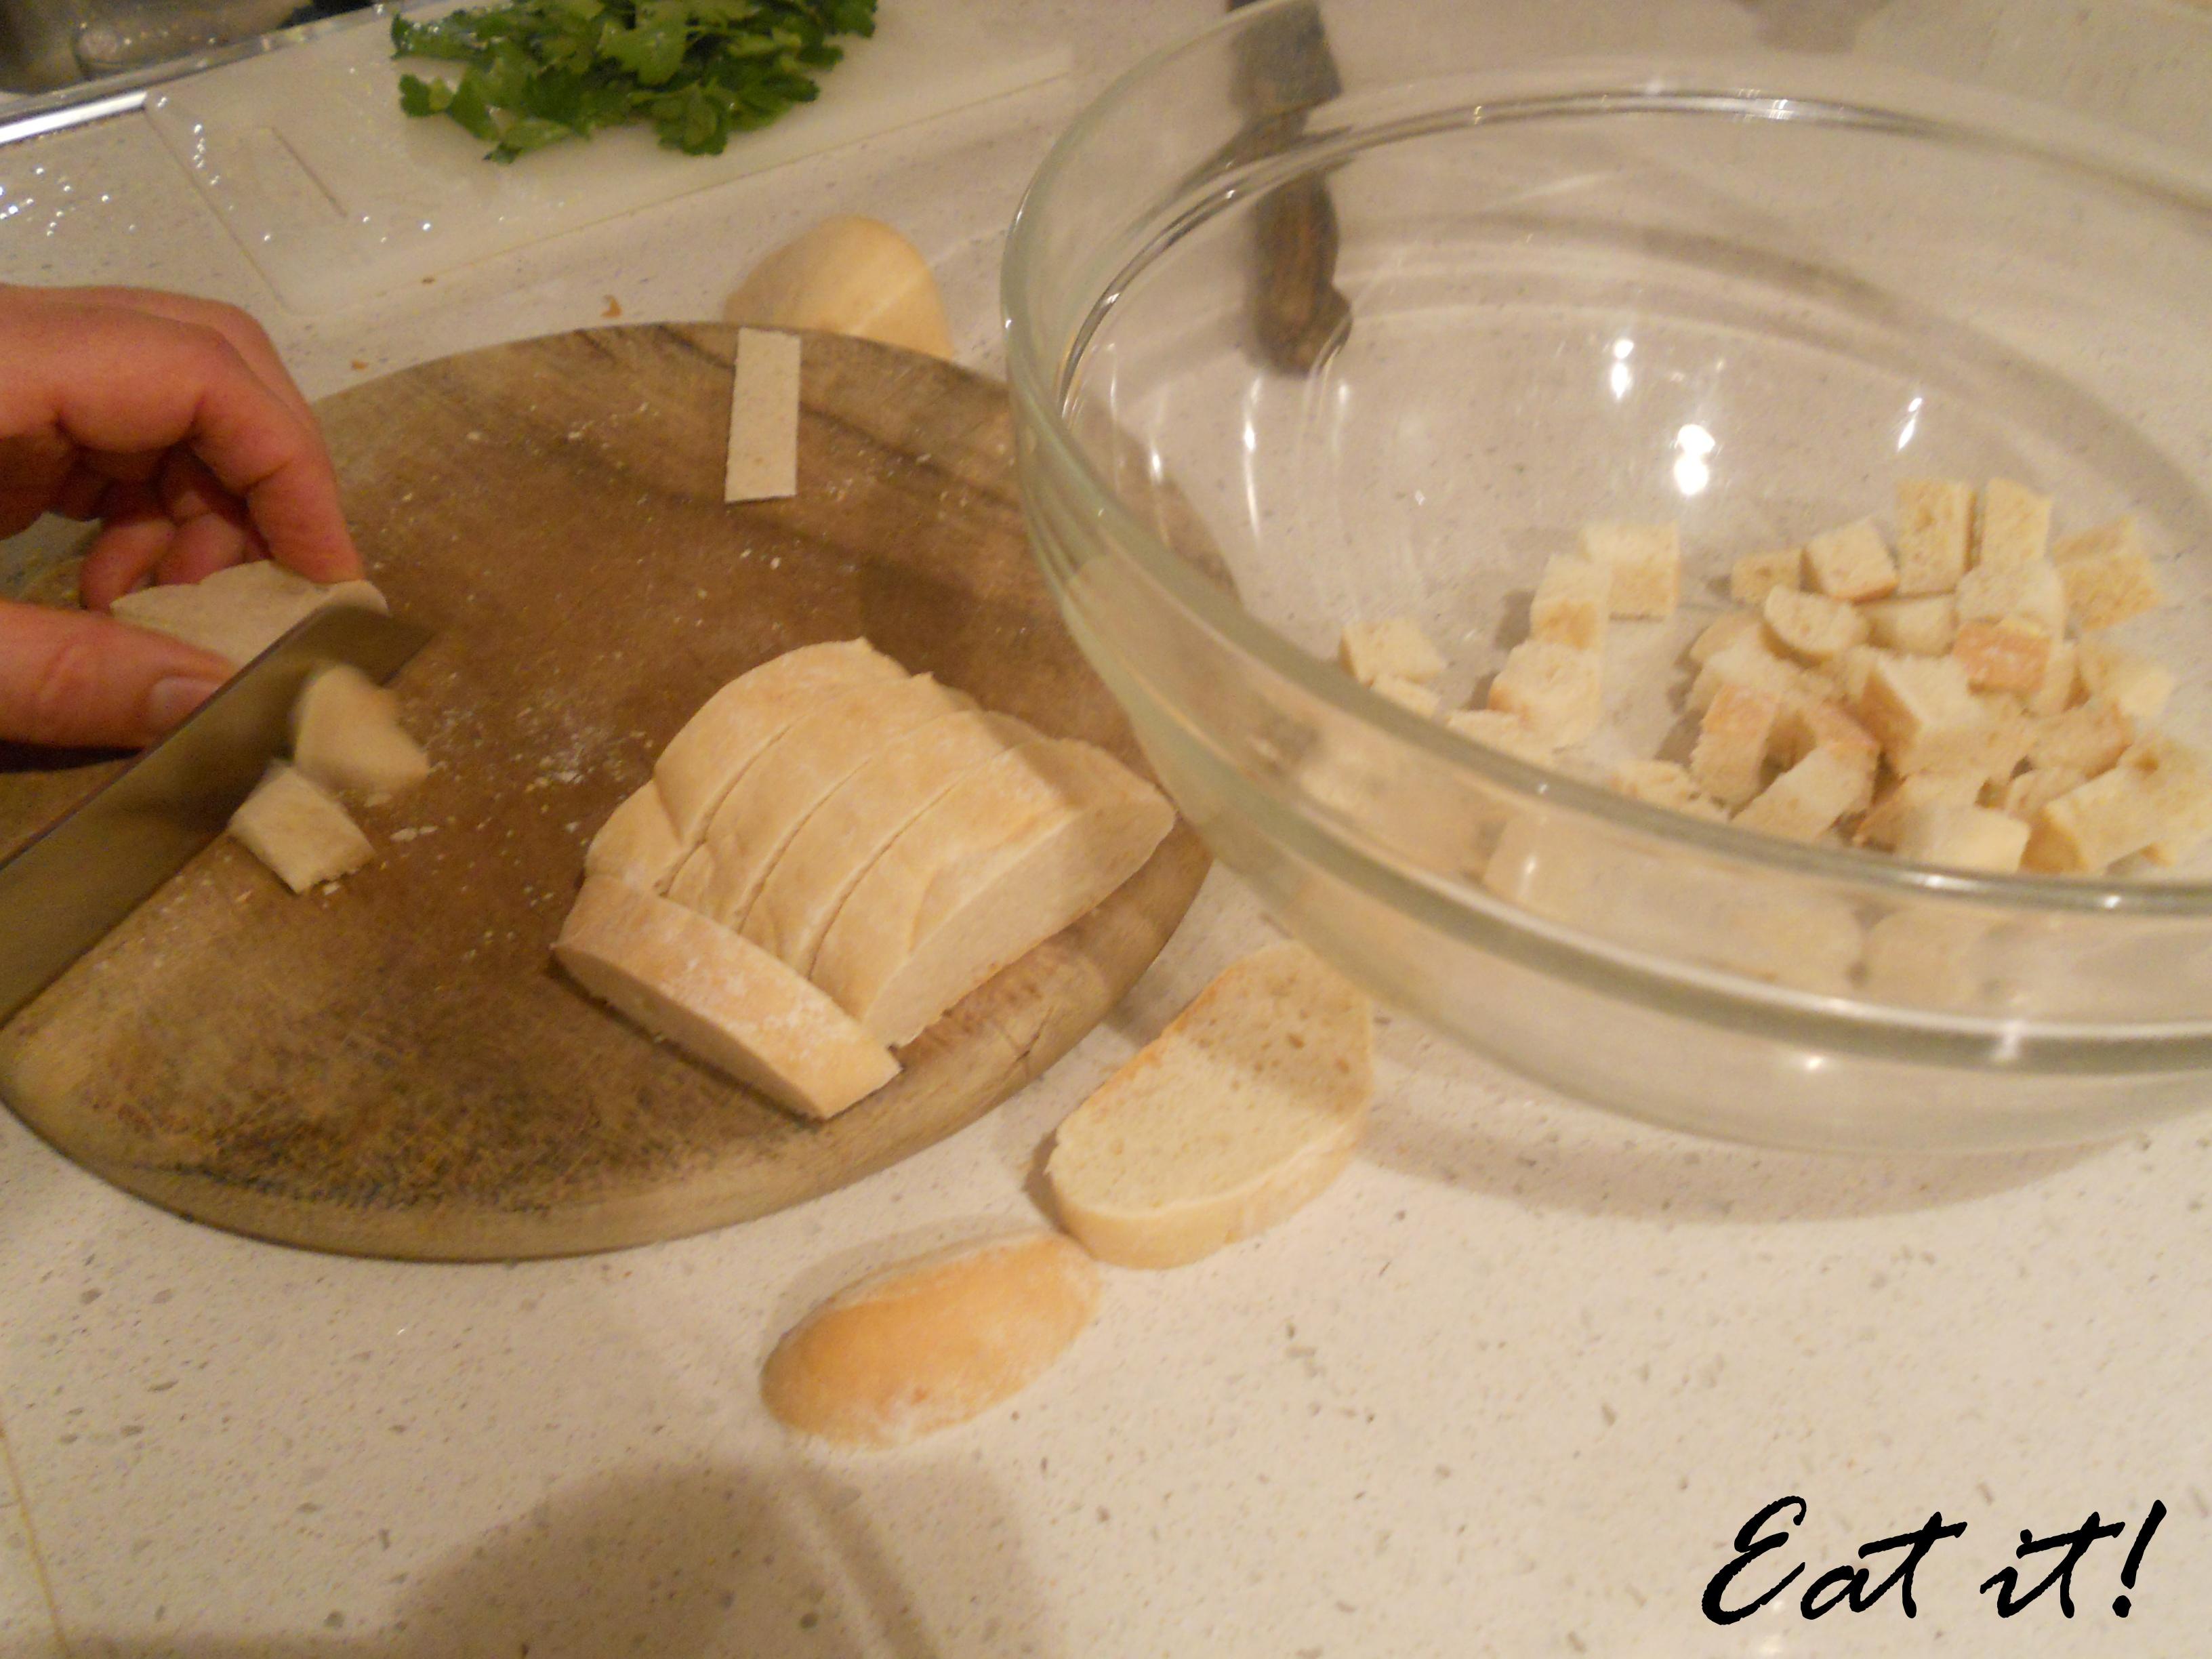 Canederli allo speck - Tagliare il pane a dadini